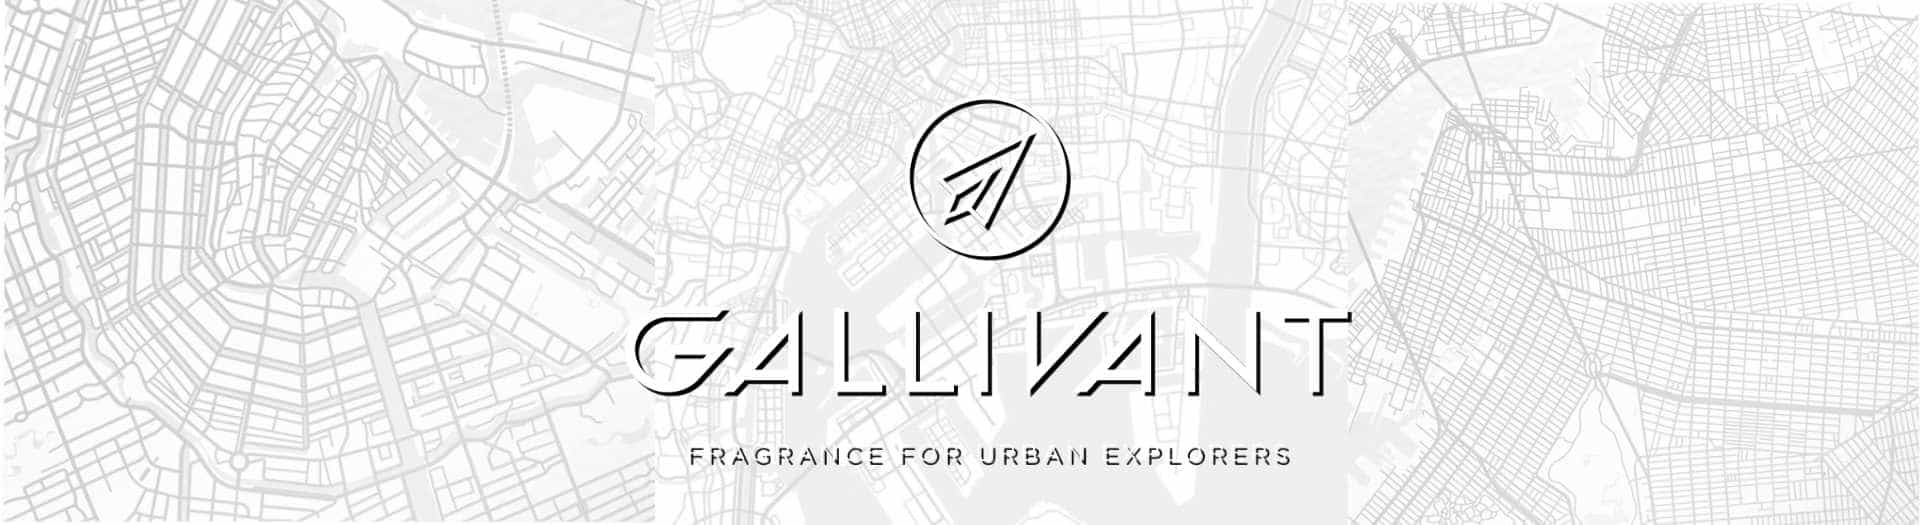 1920x525 Gallivant header with logo 1